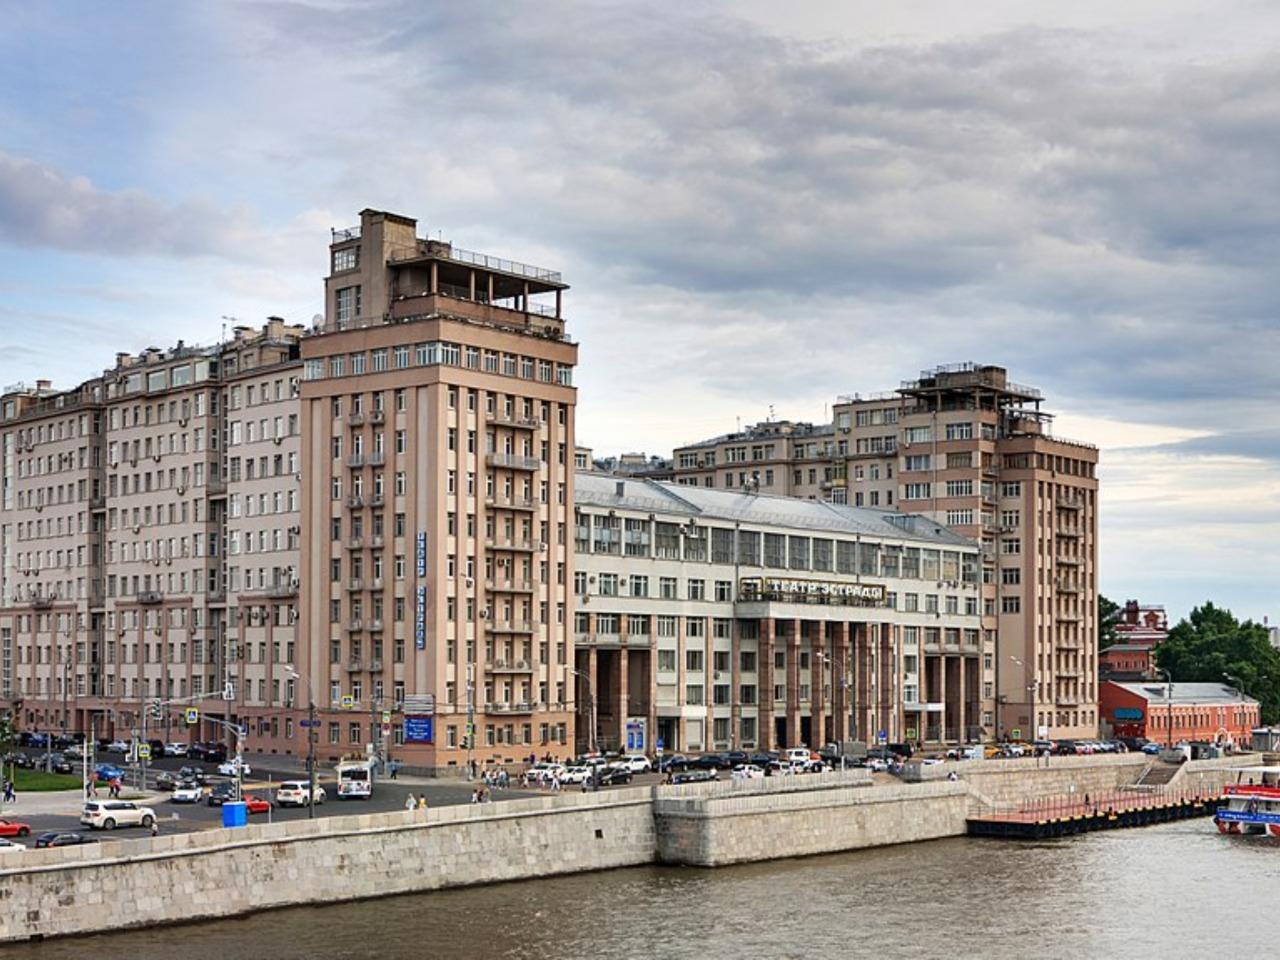 По следам московских призраков - индивидуальная экскурсия по Москве от опытного гида